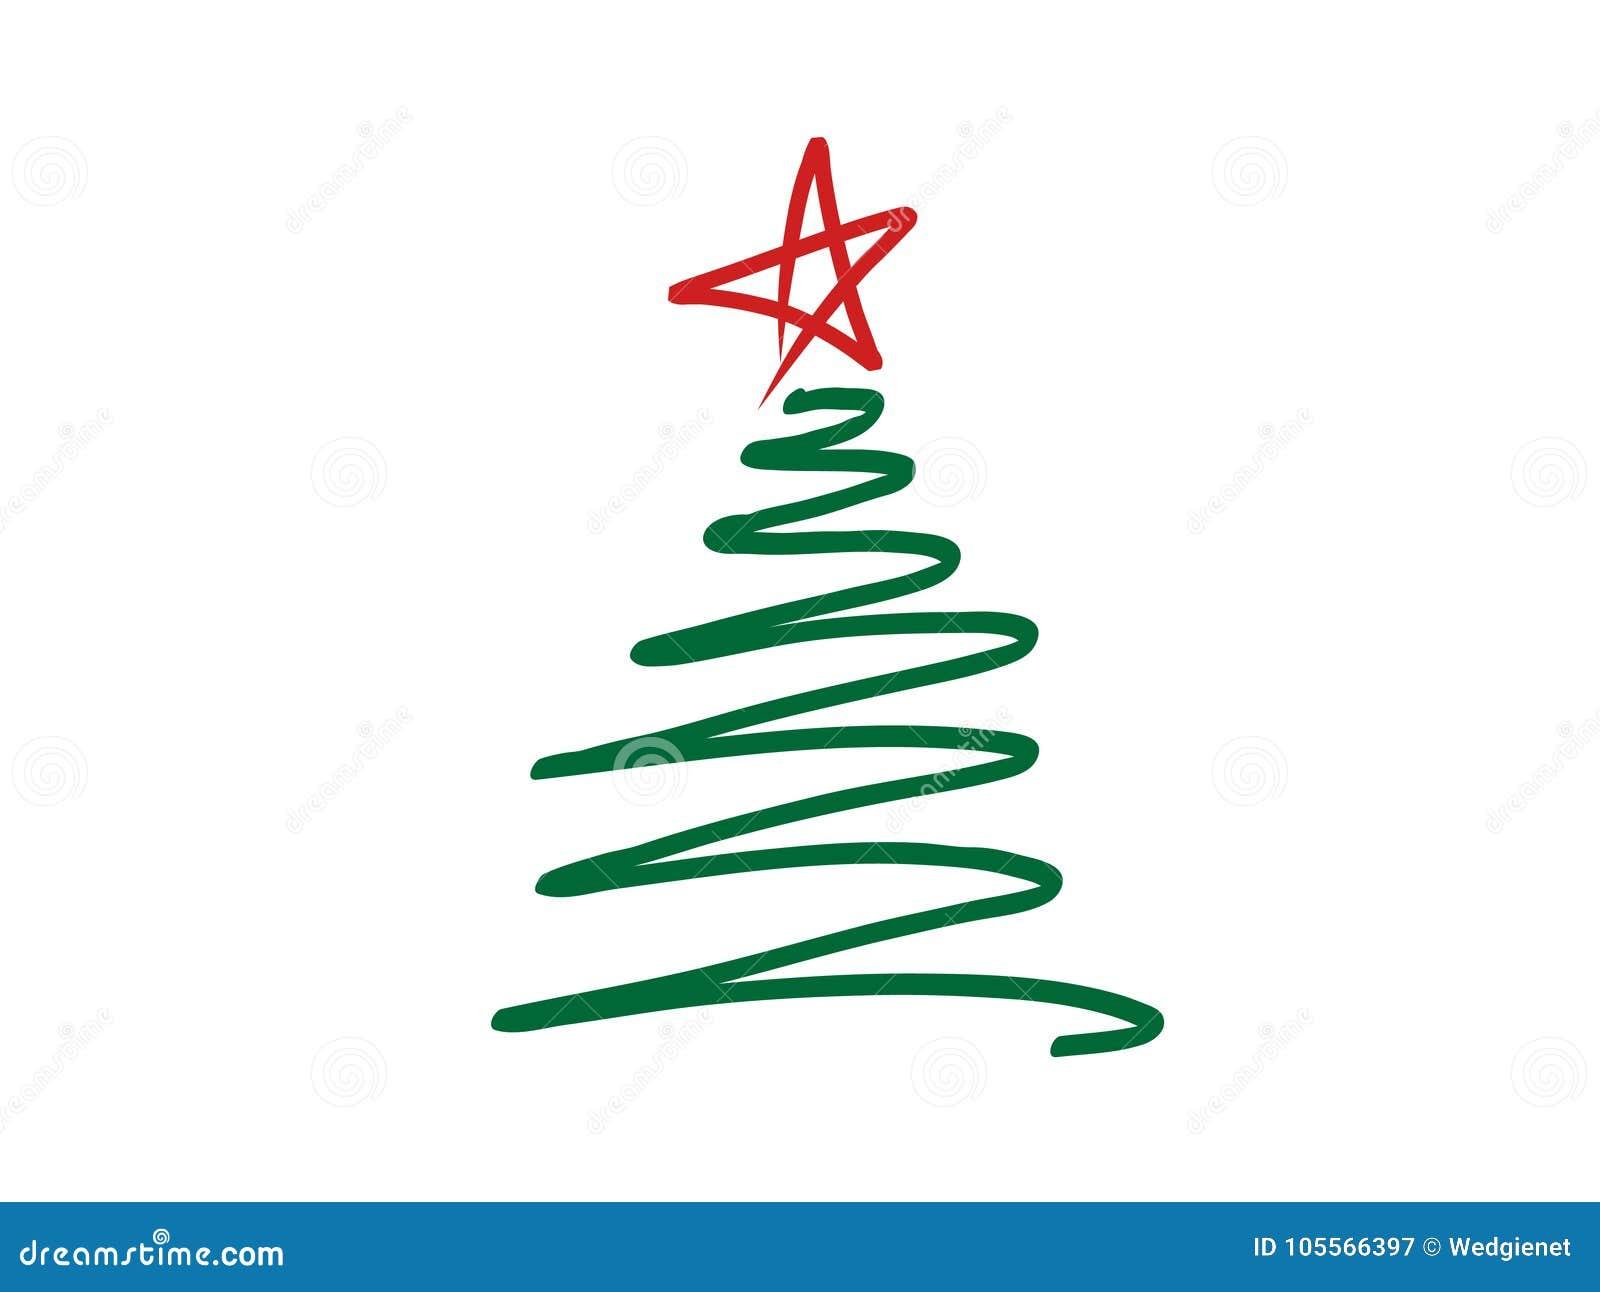 El ejemplo del vector del garabato-estilo estilizó garabato del árbol de navidad con la estrella roja en el top